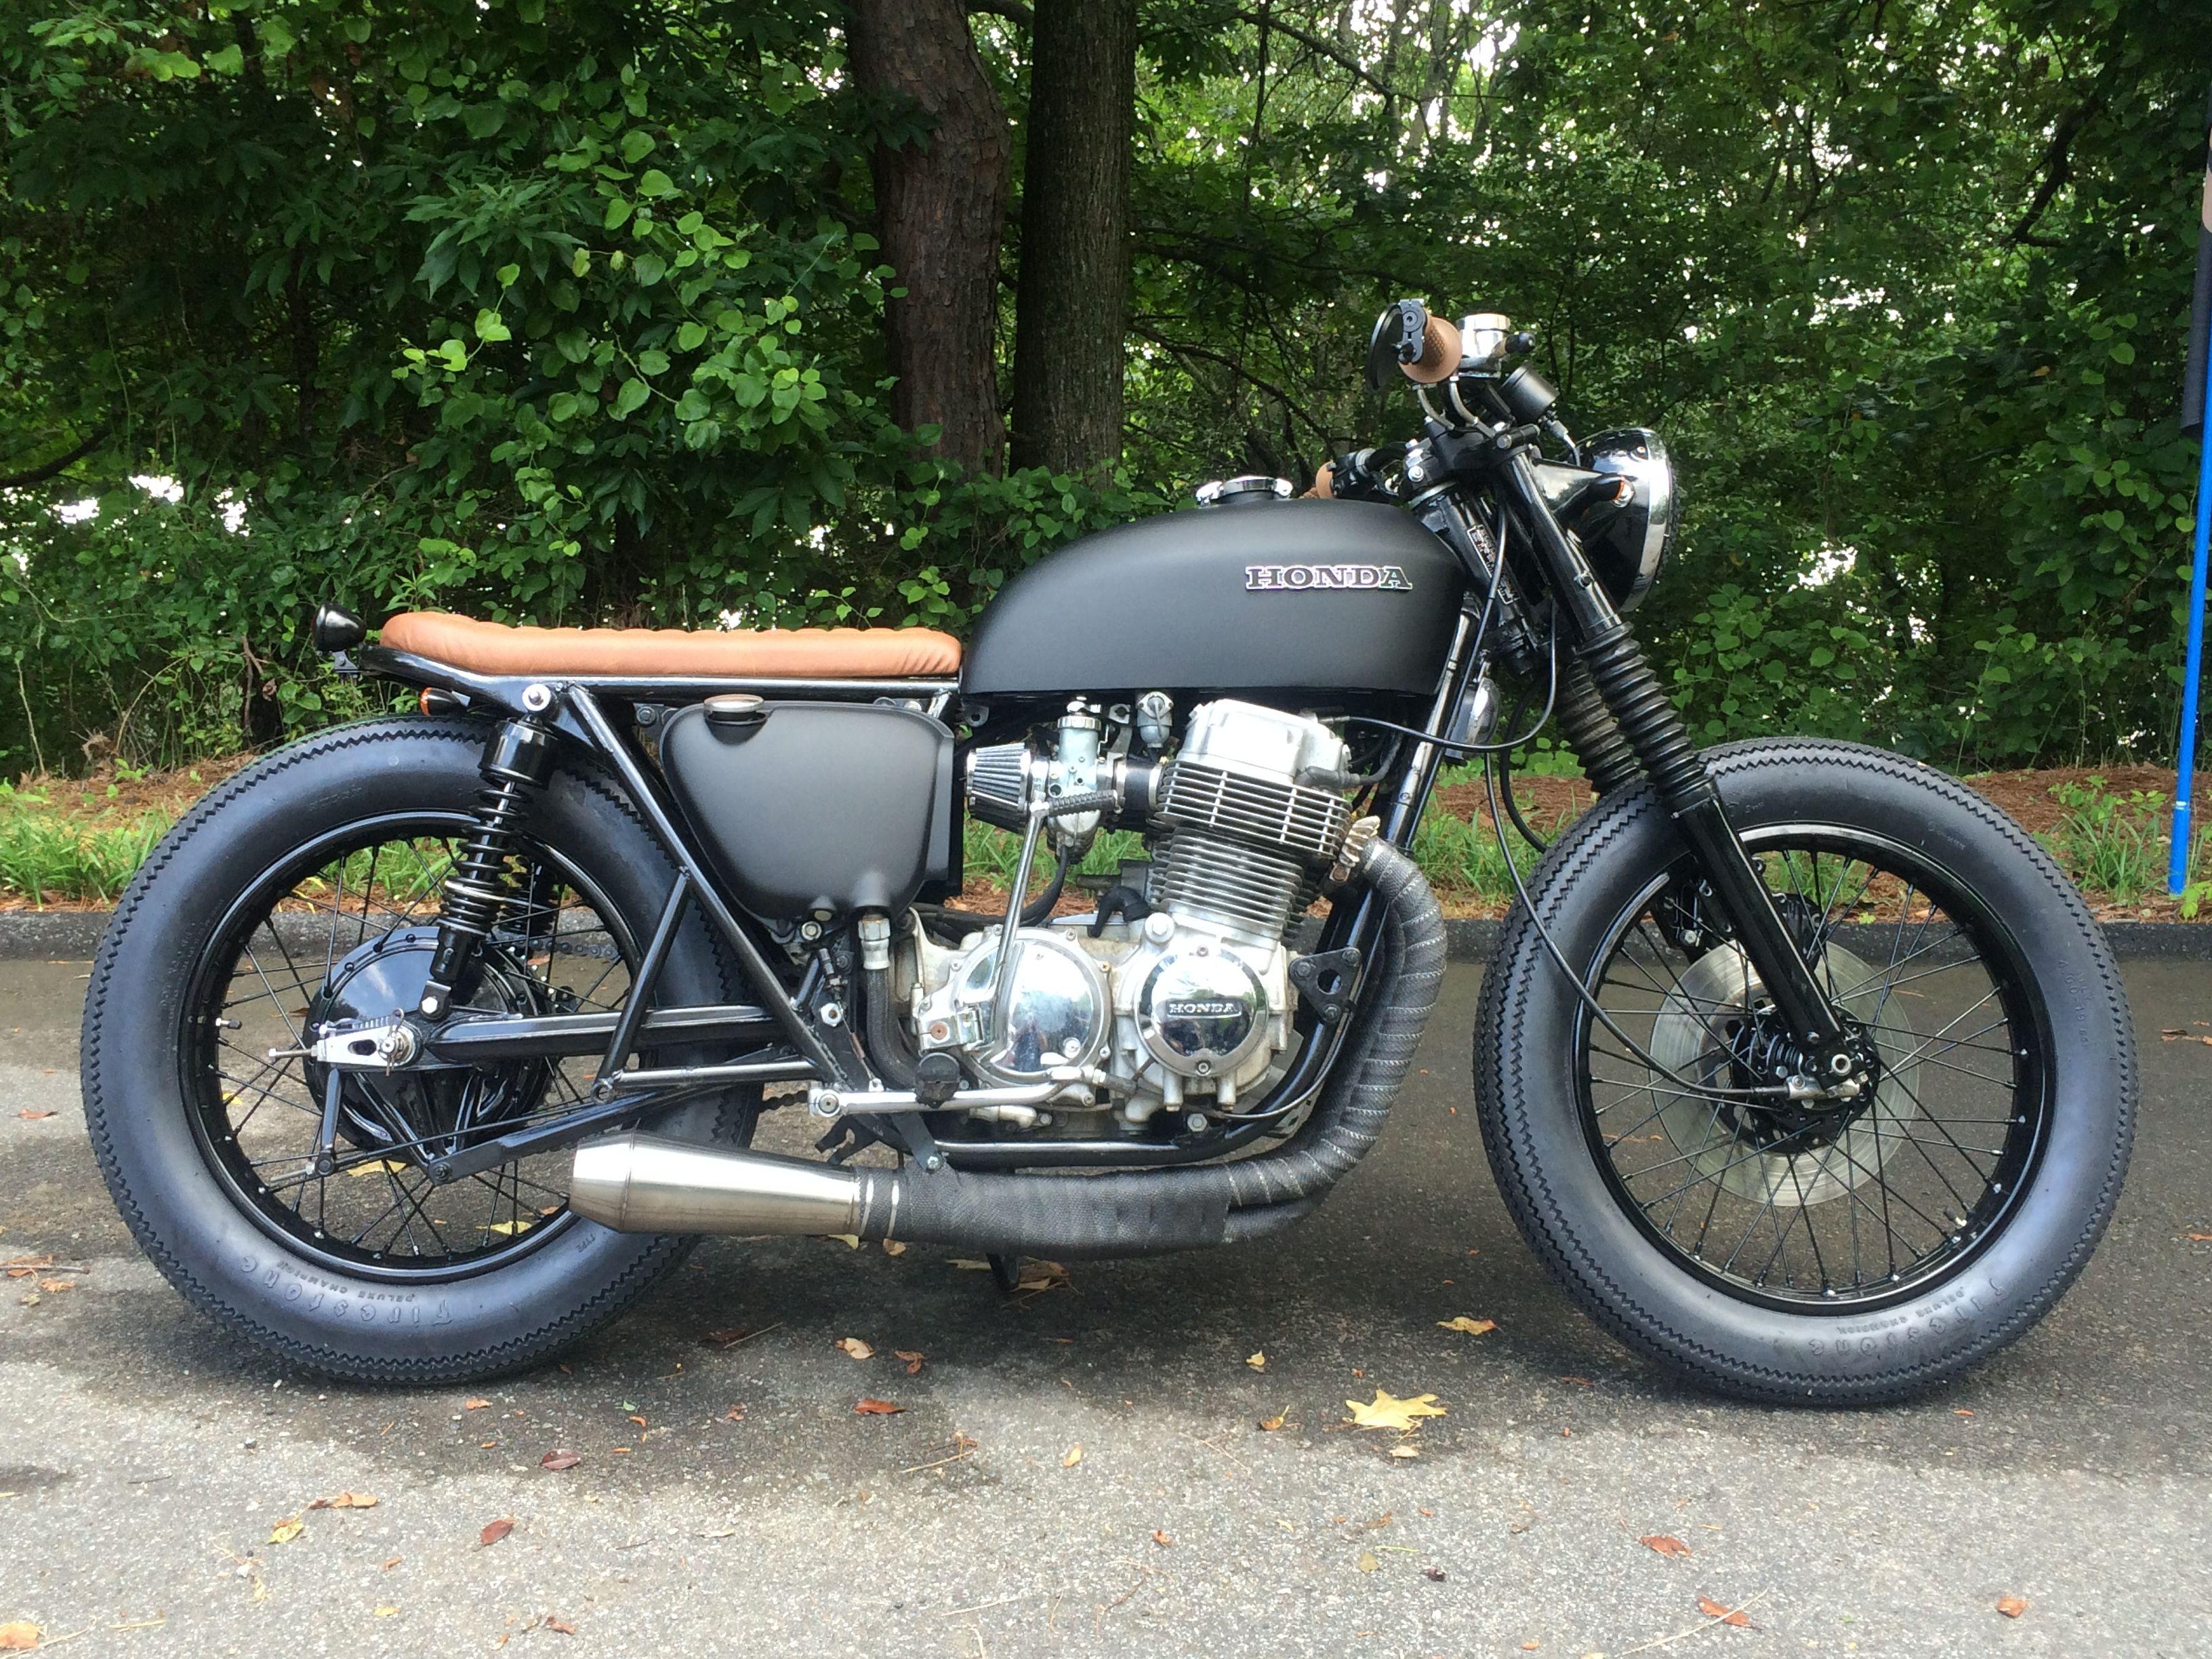 medium resolution of custom honda cb750 brat by atlanta motorcycle works